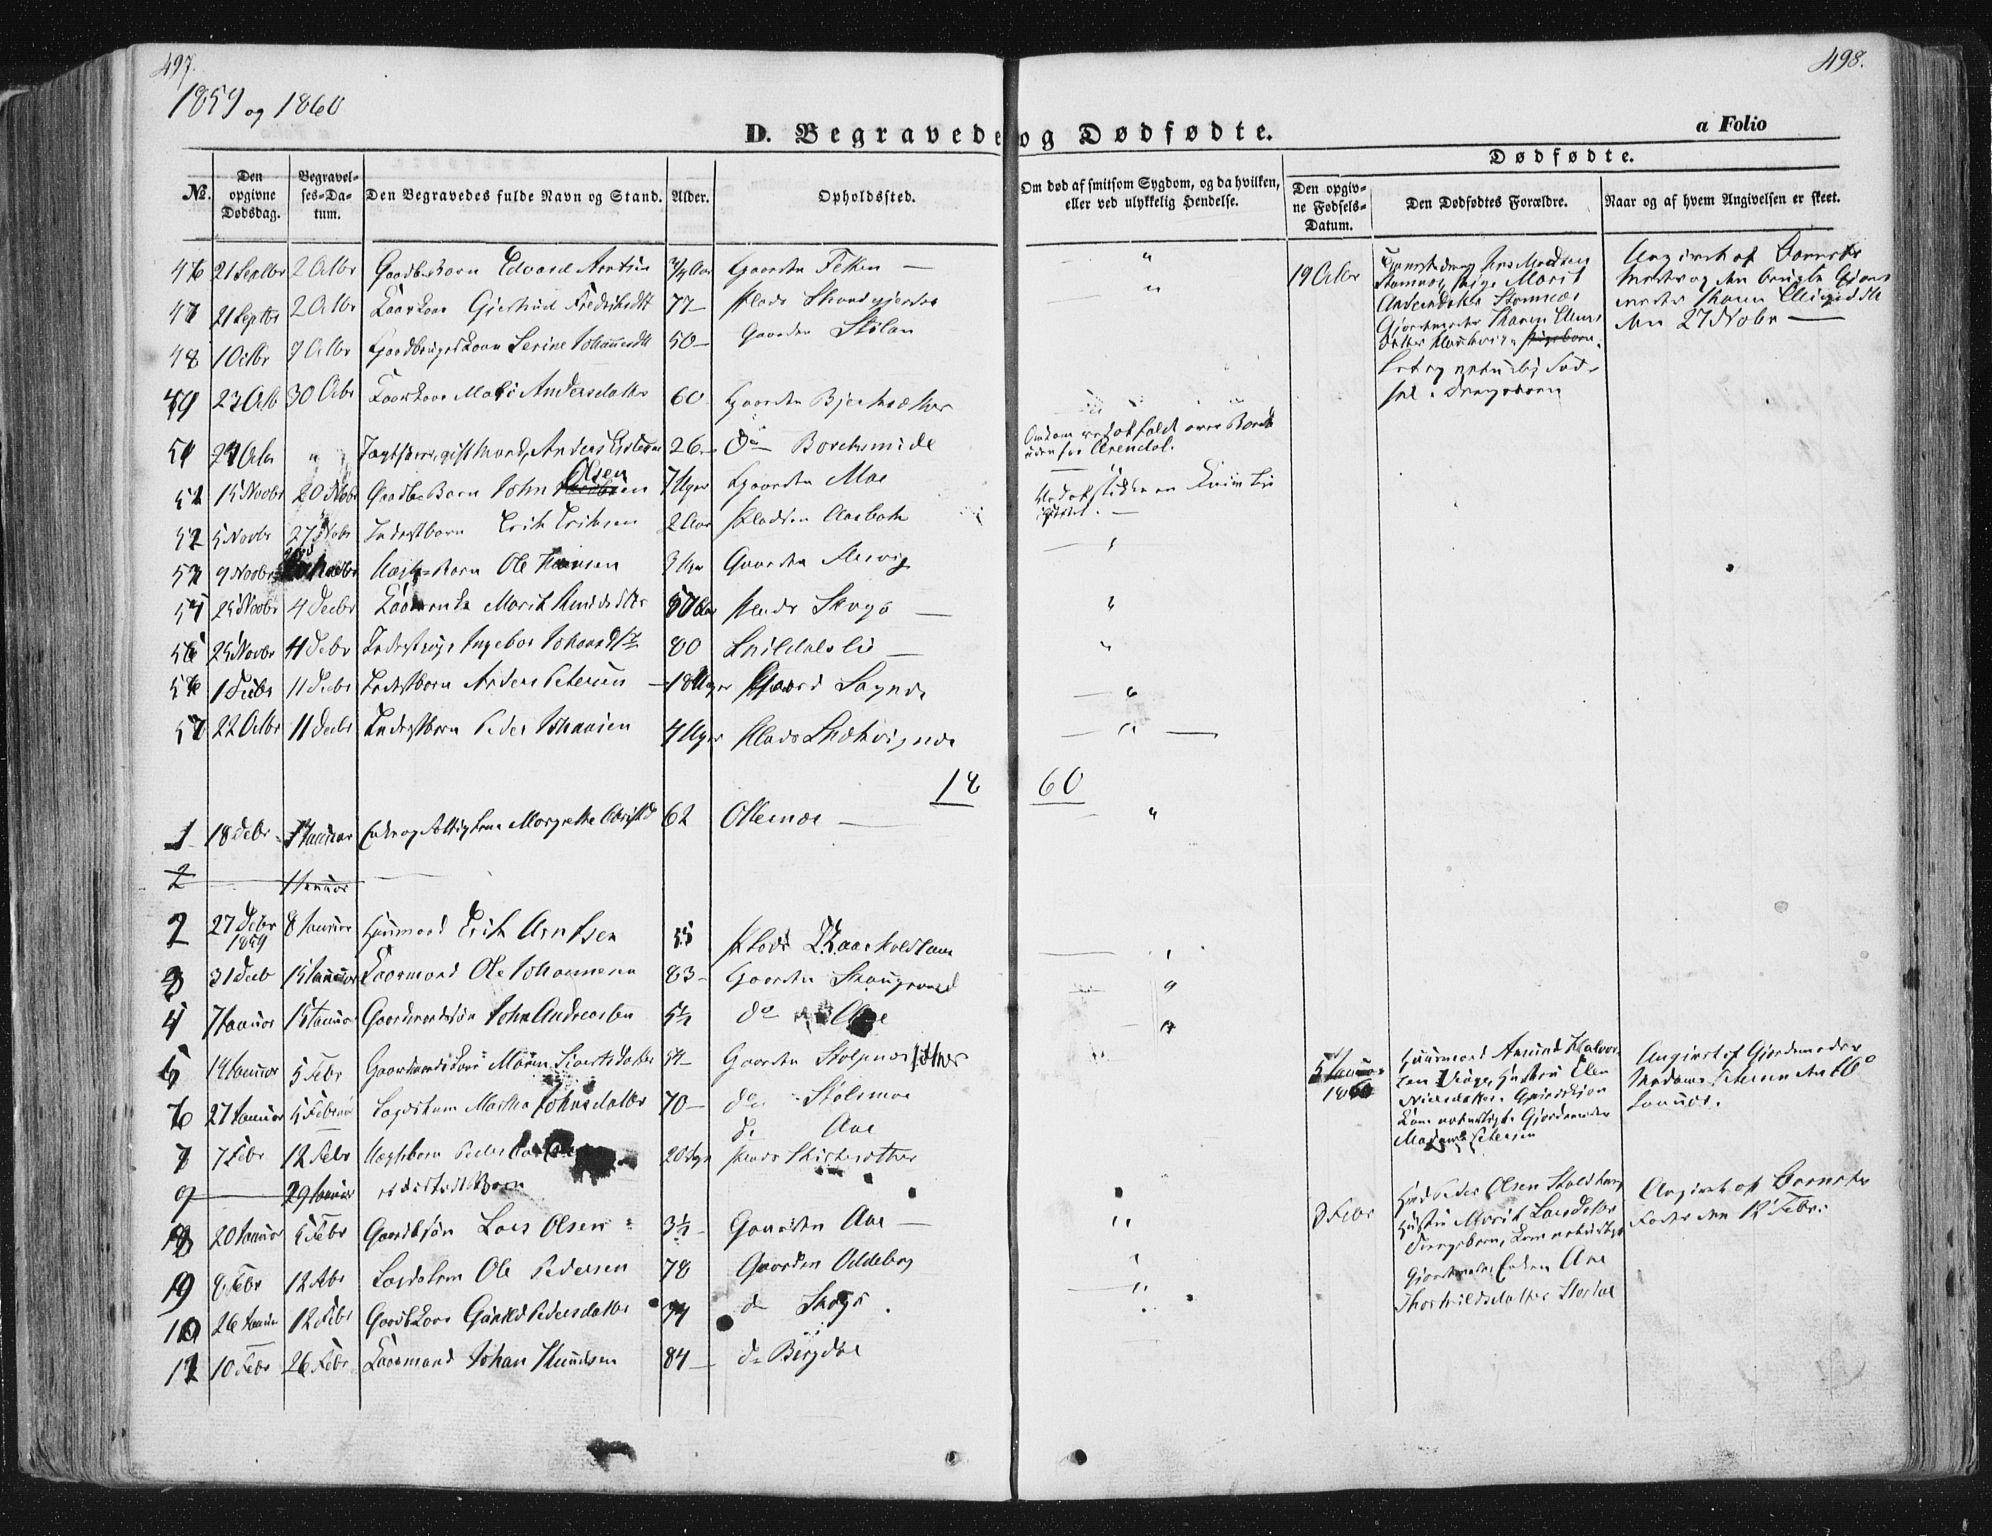 SAT, Ministerialprotokoller, klokkerbøker og fødselsregistre - Sør-Trøndelag, 630/L0494: Ministerialbok nr. 630A07, 1852-1868, s. 497-498